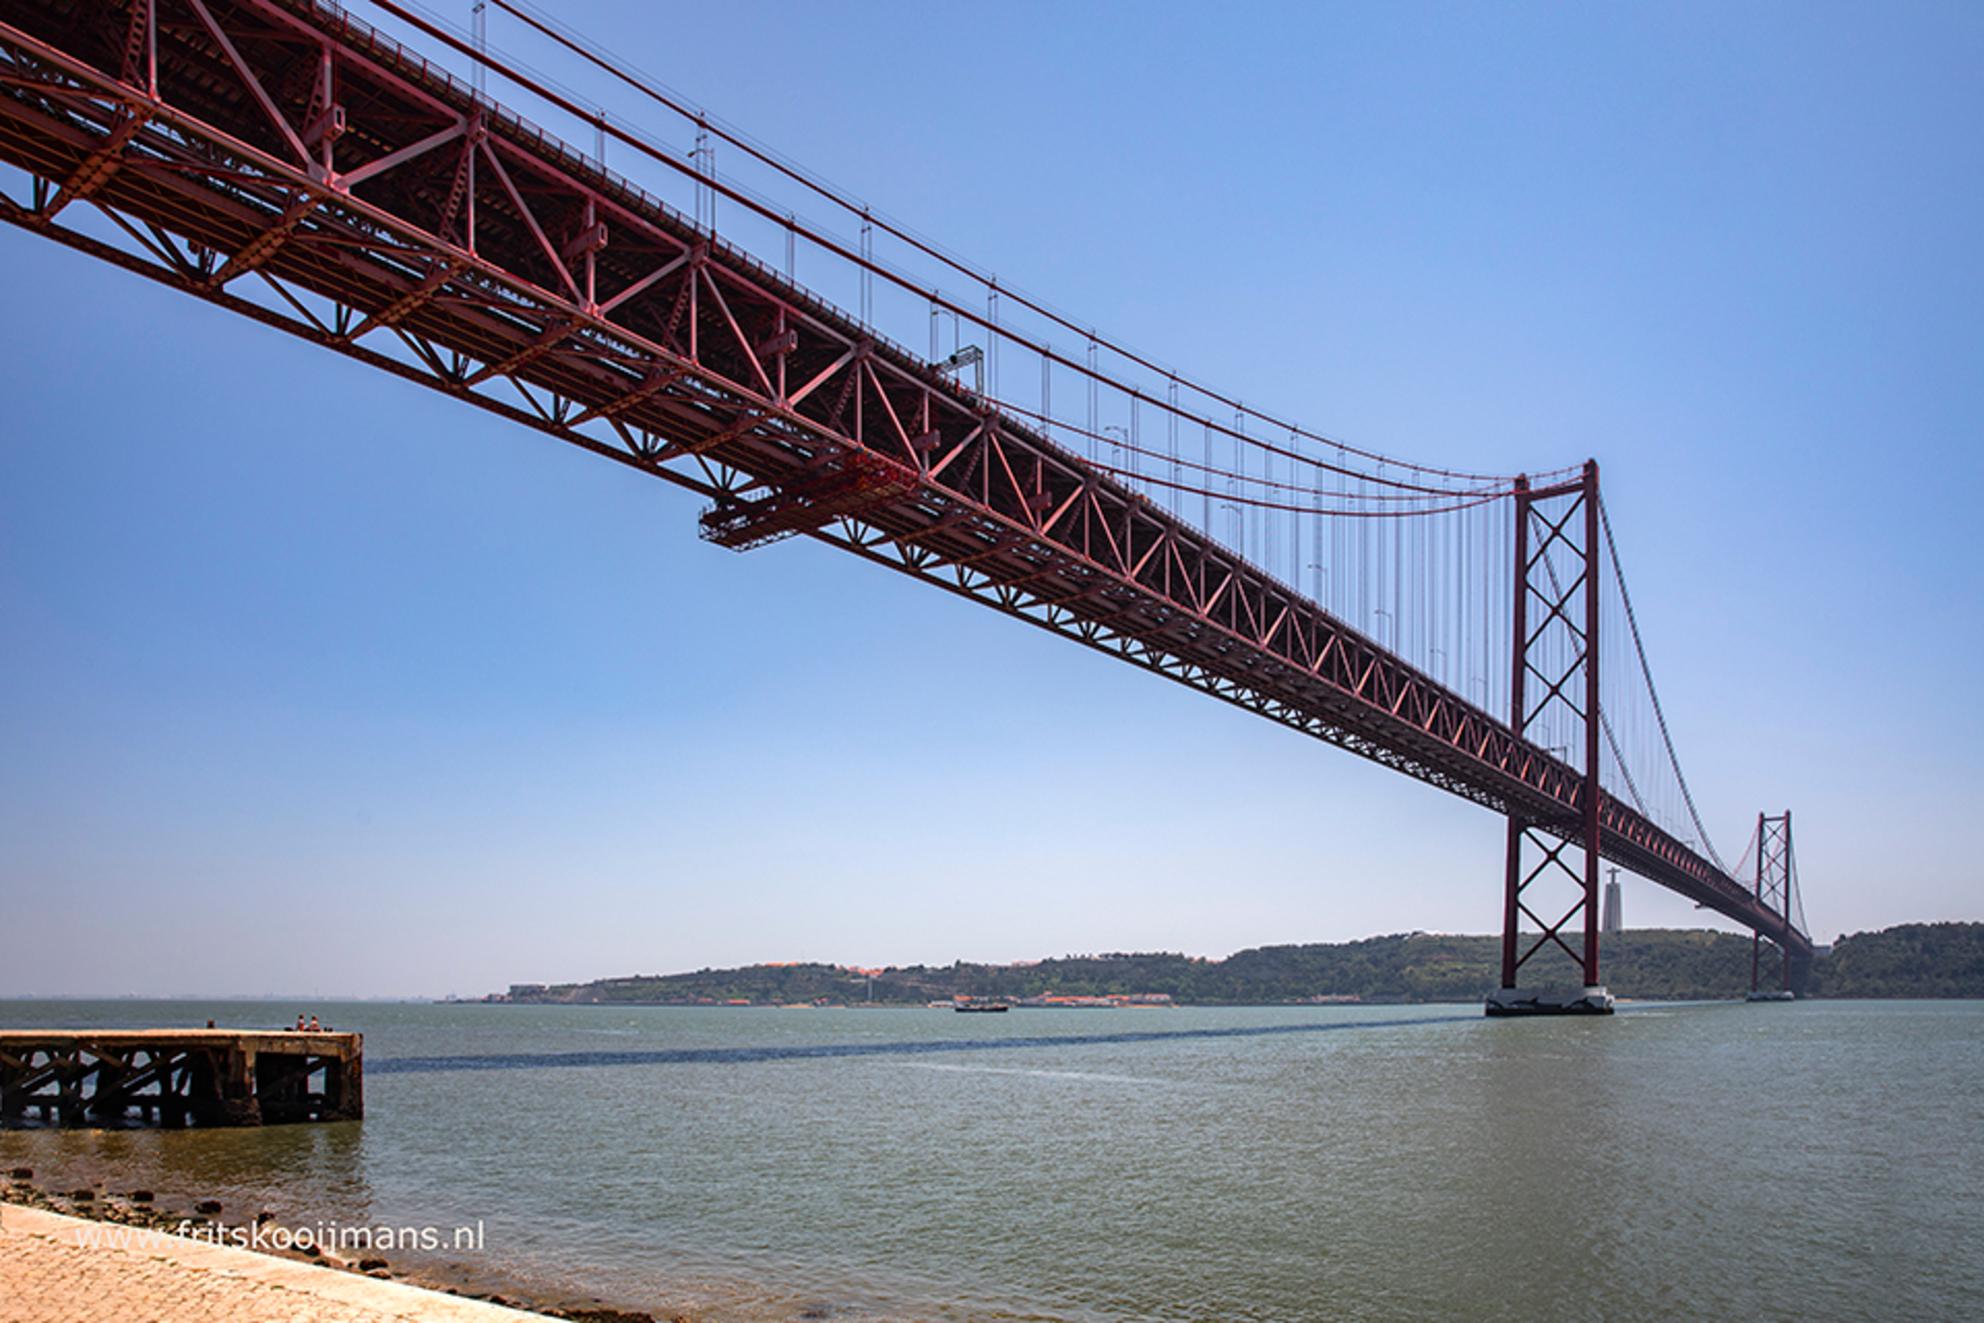 Brug over de Taag - 20180619 1059 Brug over de Taag - foto door fritskooijmans op 07-10-2018 - deze foto bevat: lucht, water, landschap, brug, portugal, taag